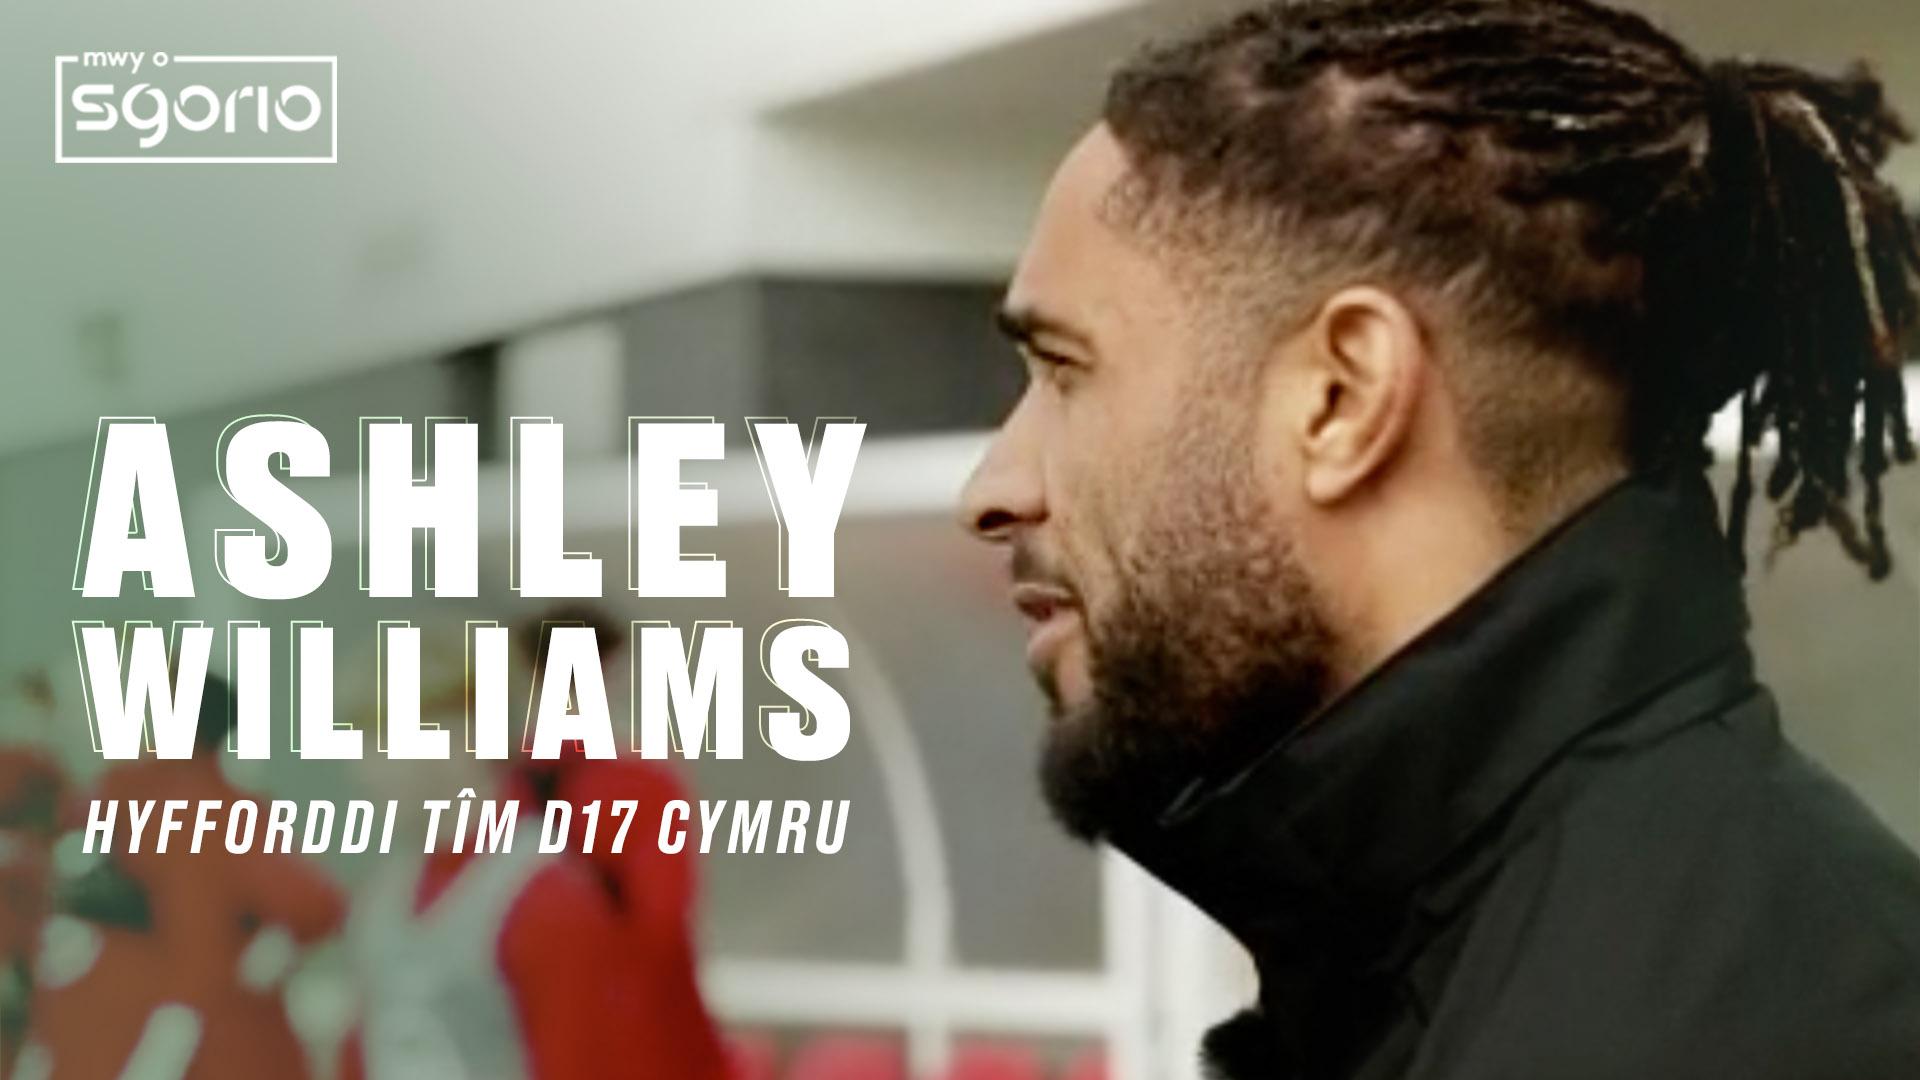 Ashley Williams: Hyfforddi tîm D17 Cymru